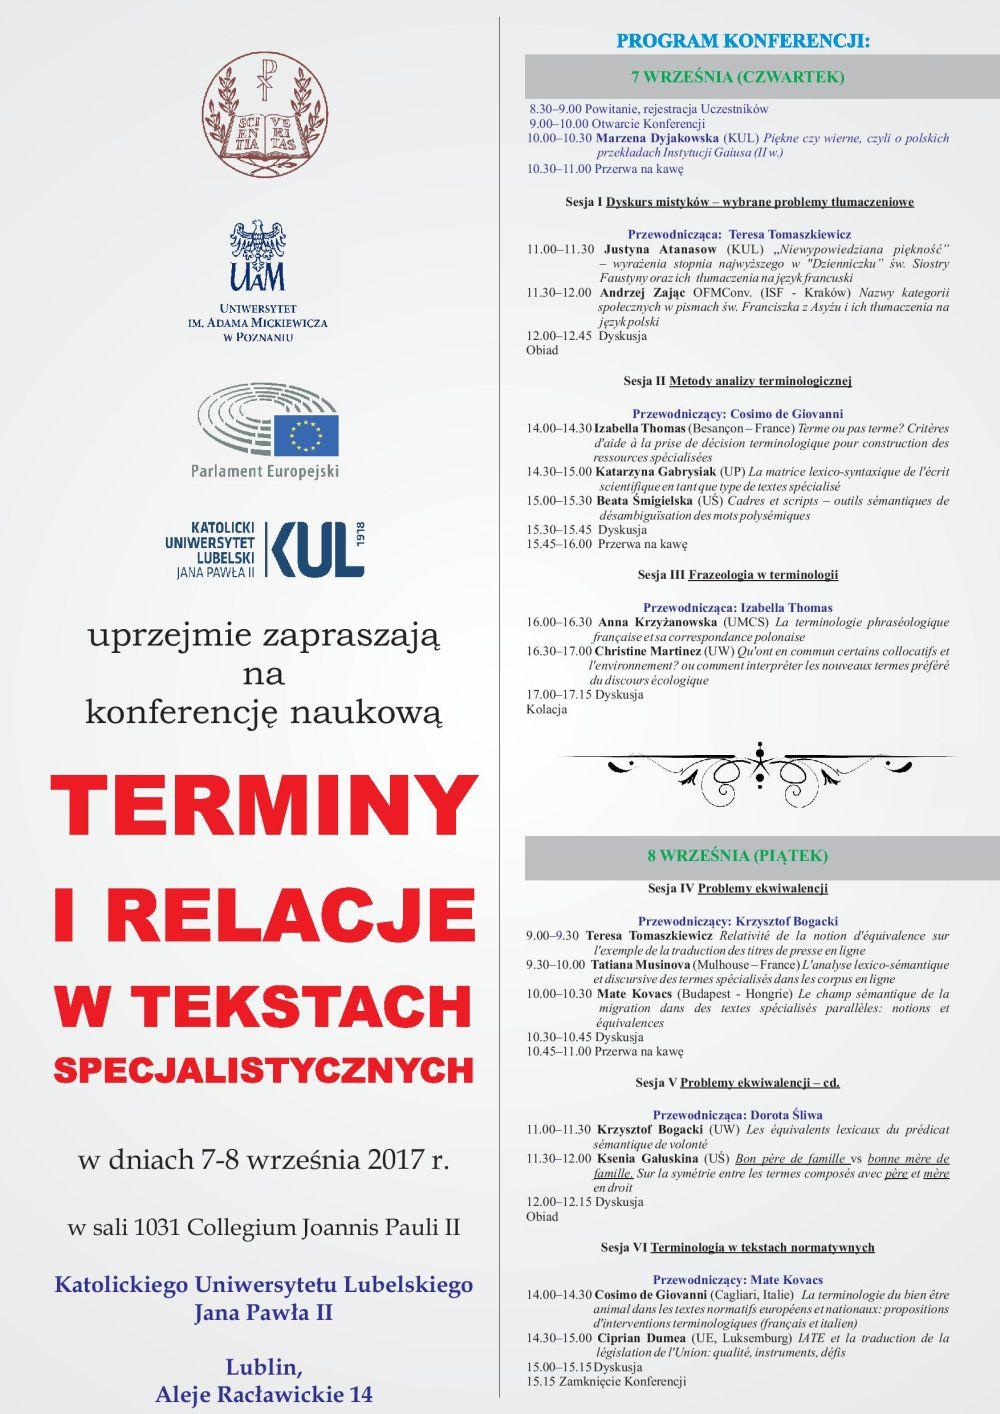 Terminy i relacje w tekstach specjalistycznych